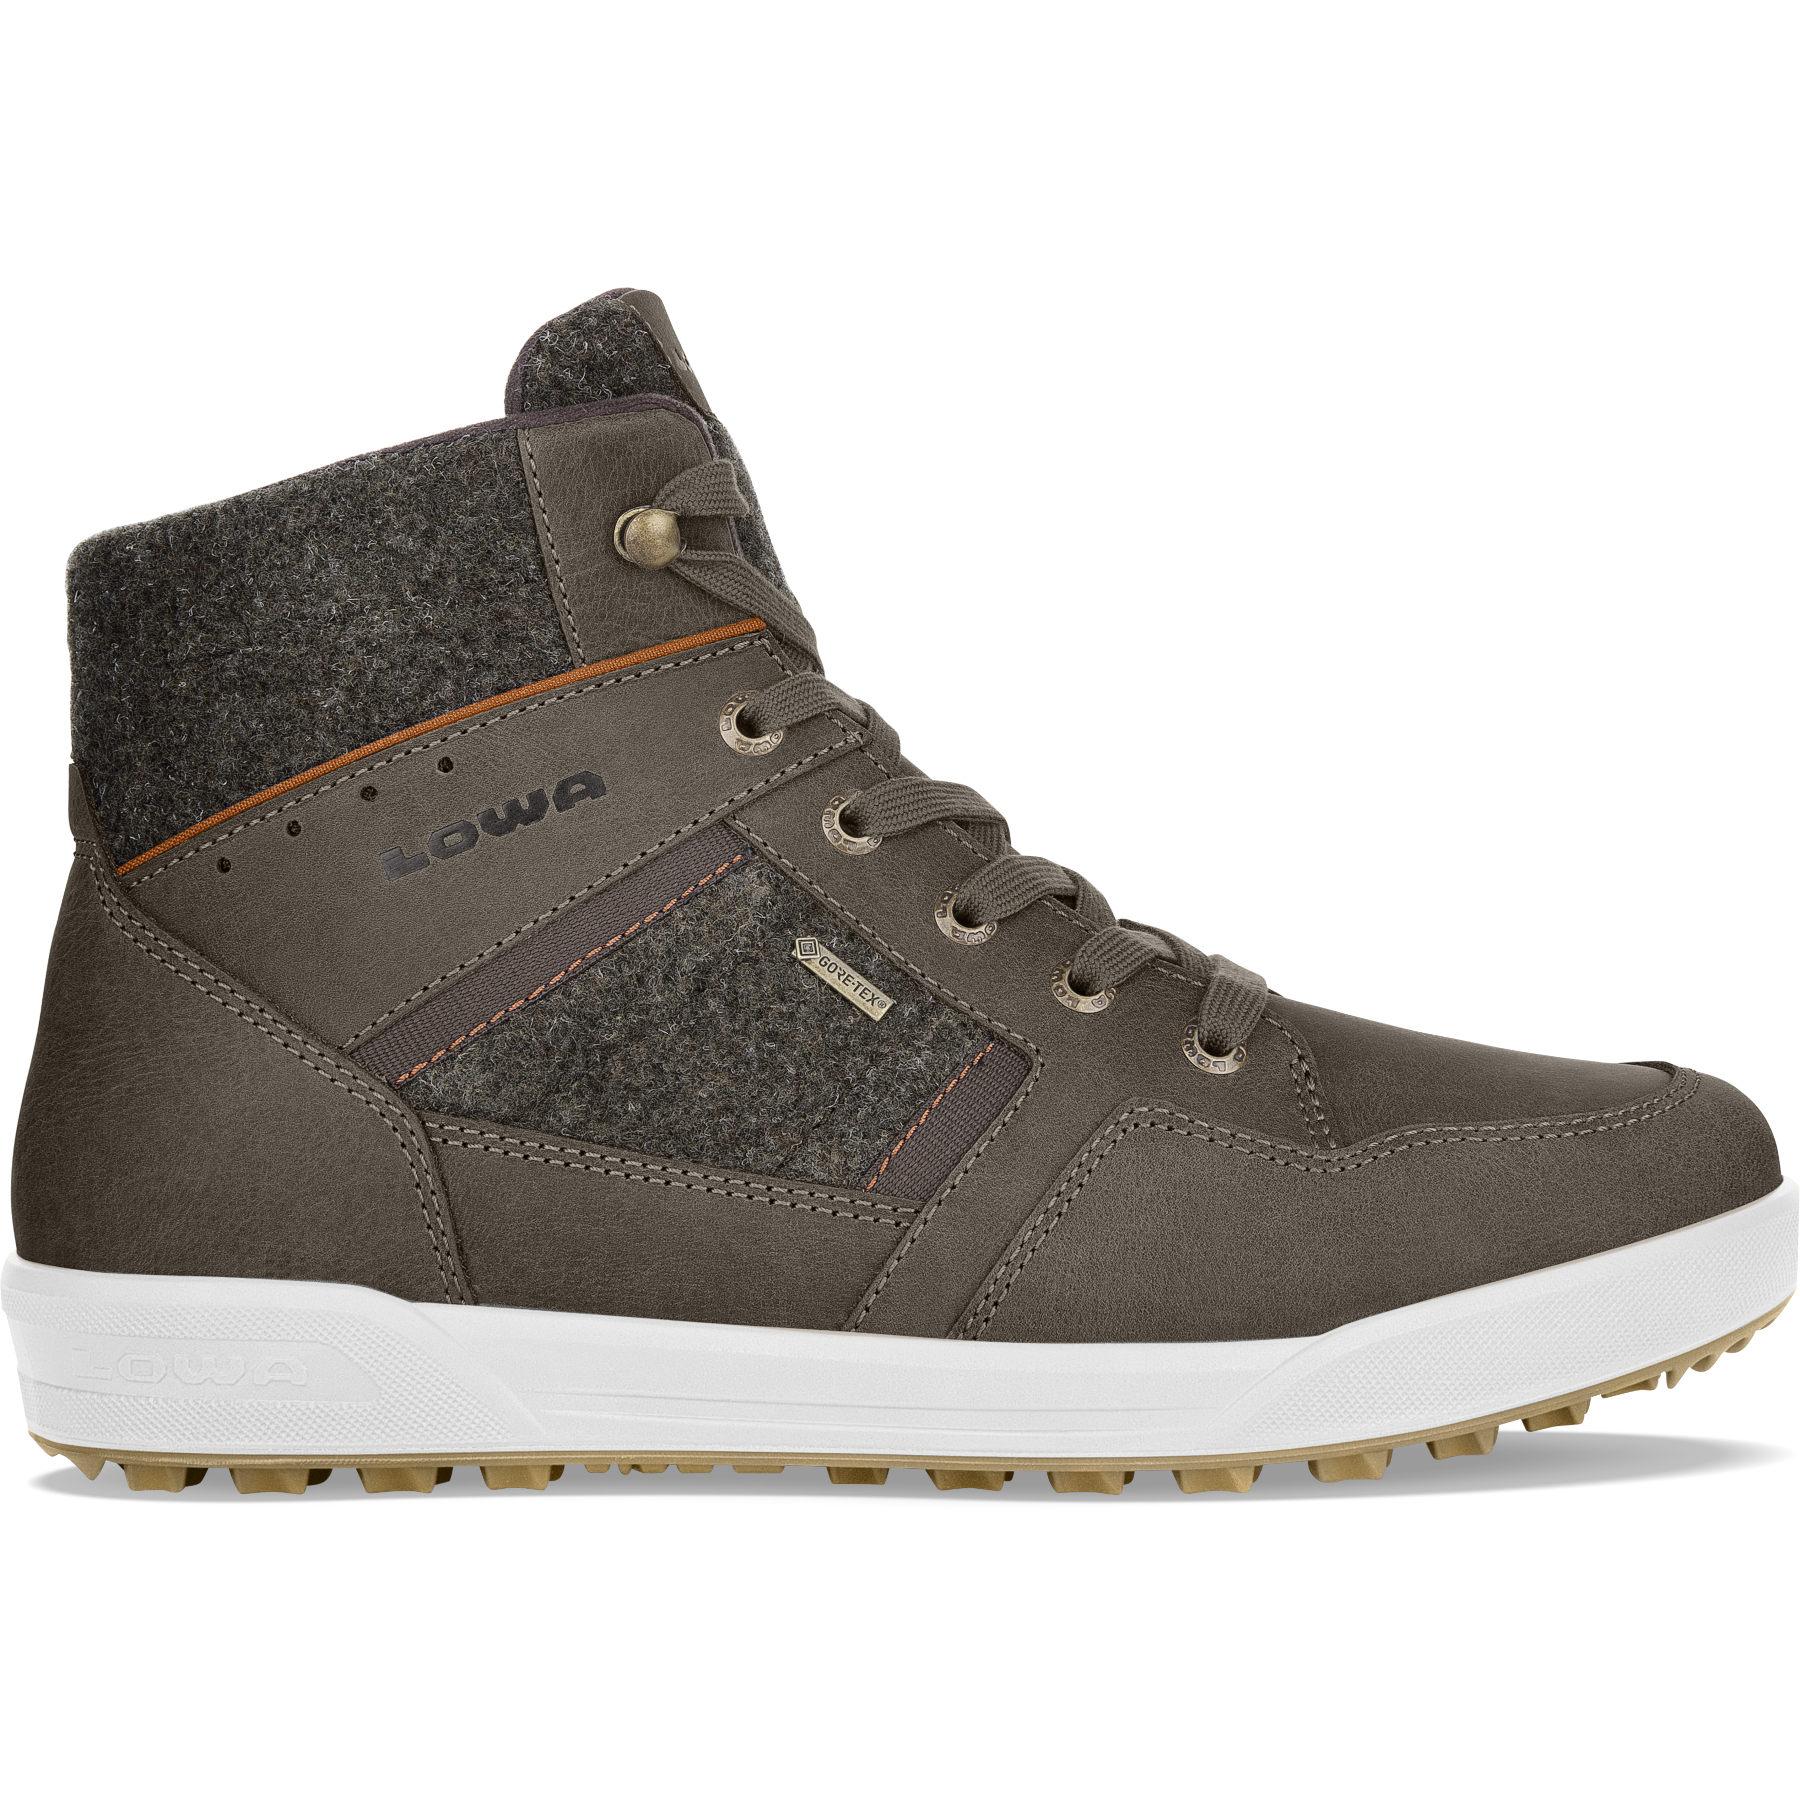 LOWA Bosco GTX Shoe - dark brown